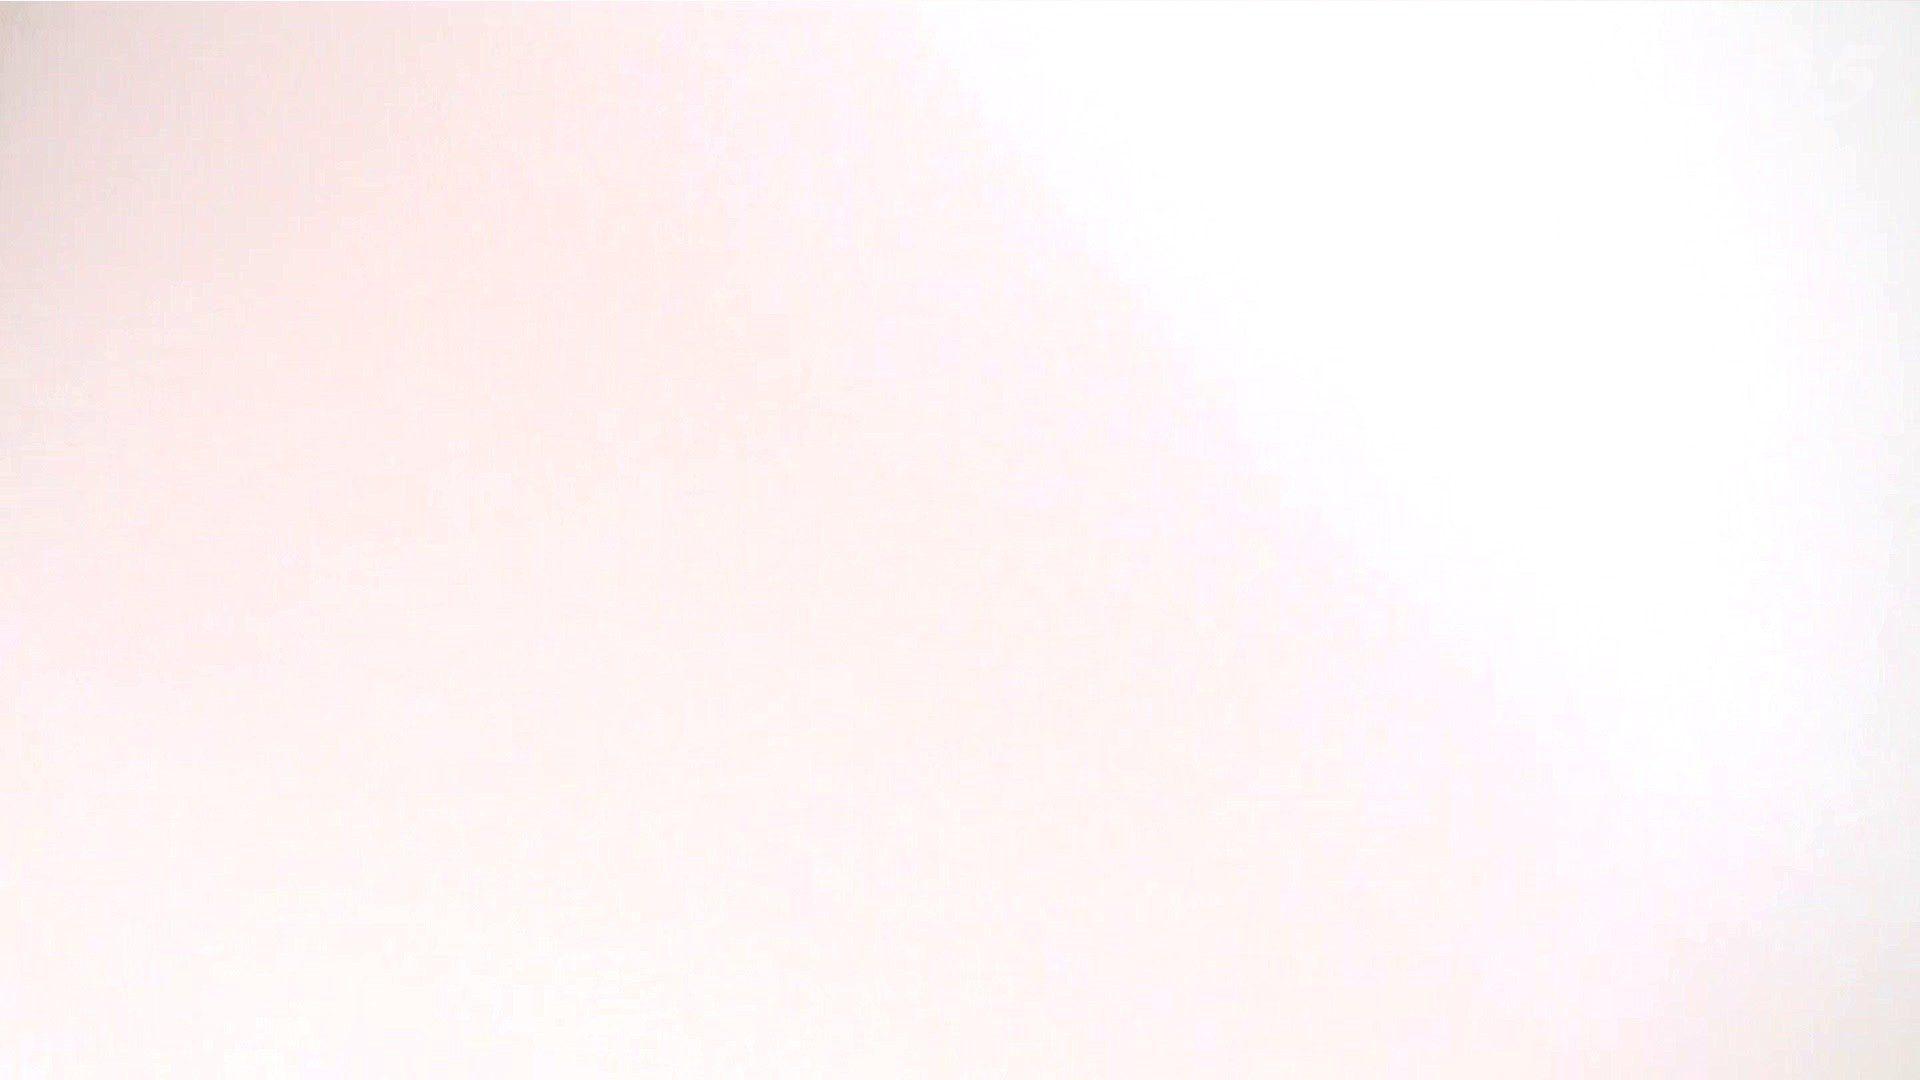 ※100個限定販売 至高下半身盗撮-プレミアム-【体育館編】VOL.5 盗撮で悶絶 すけべAV動画紹介 108画像 27